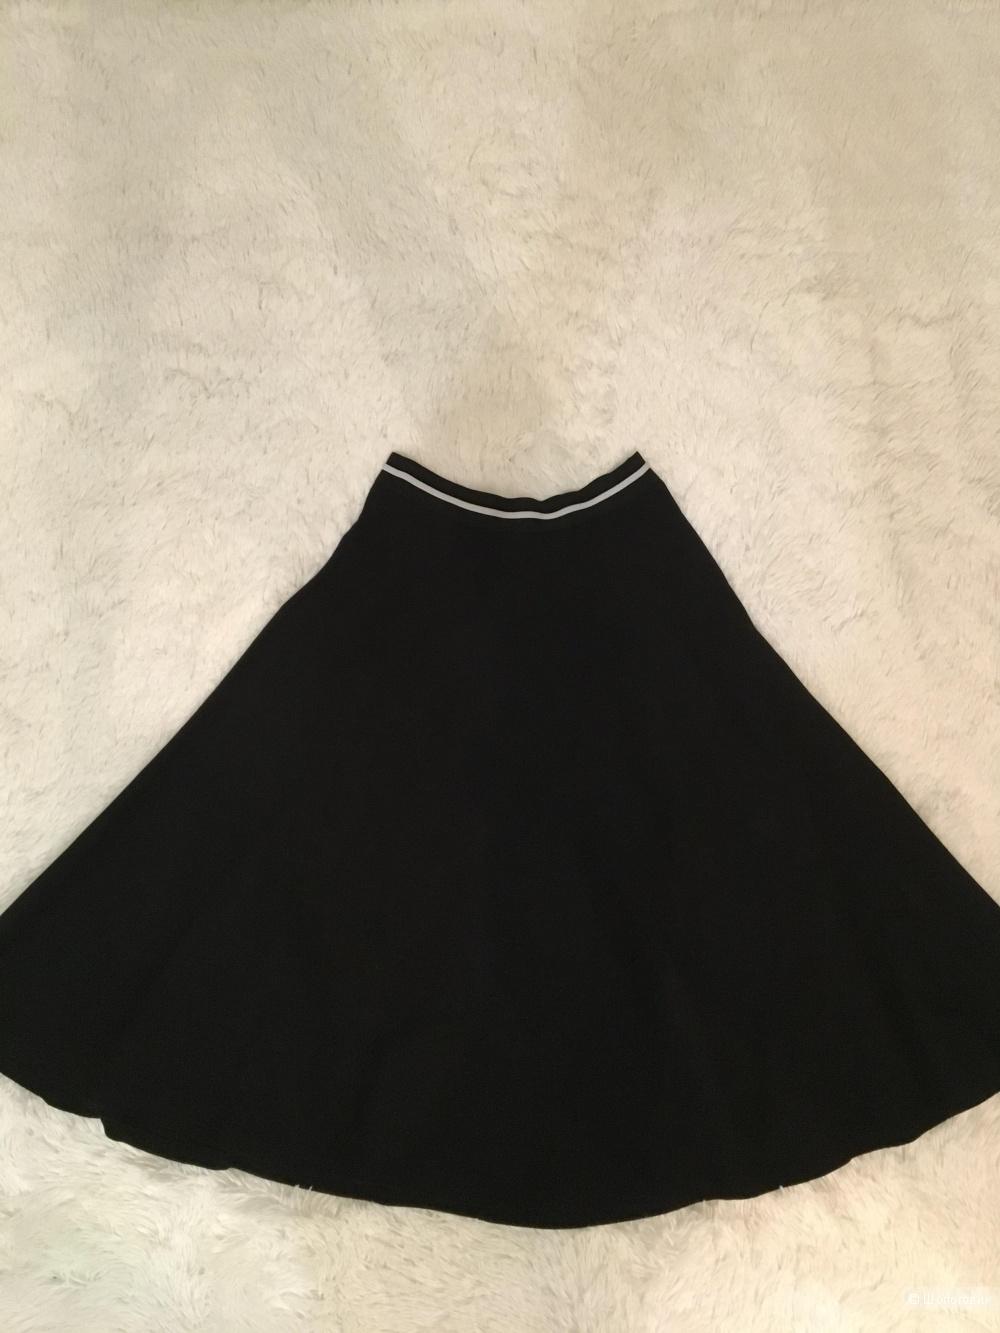 Юбка Monki, размер S